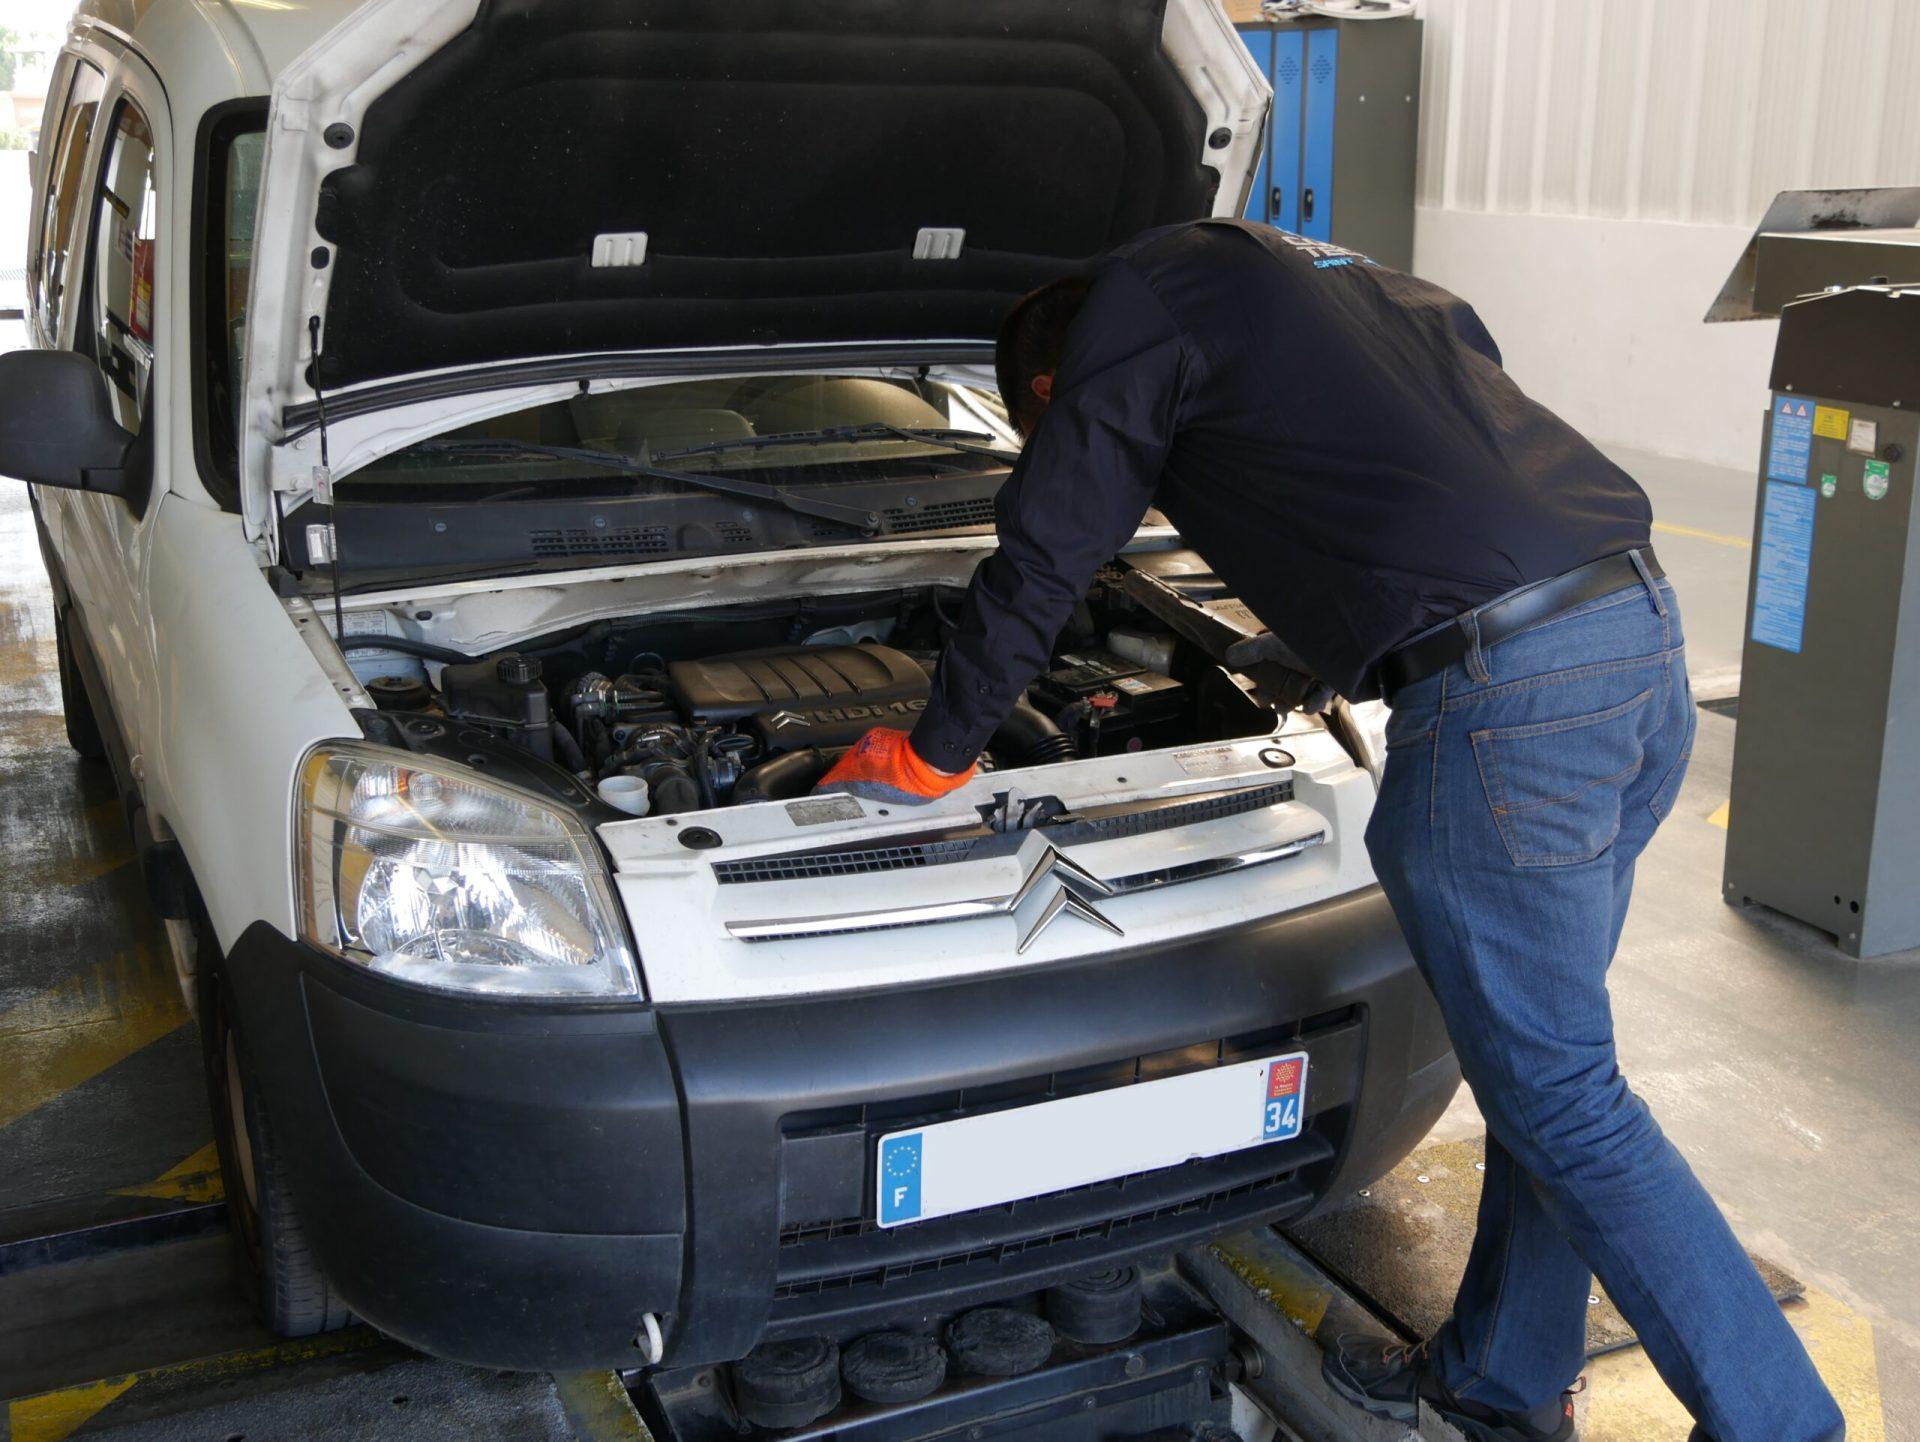 Contrôle technique avant la vente d'un véhicule d'occasion - Norisko Montpellier